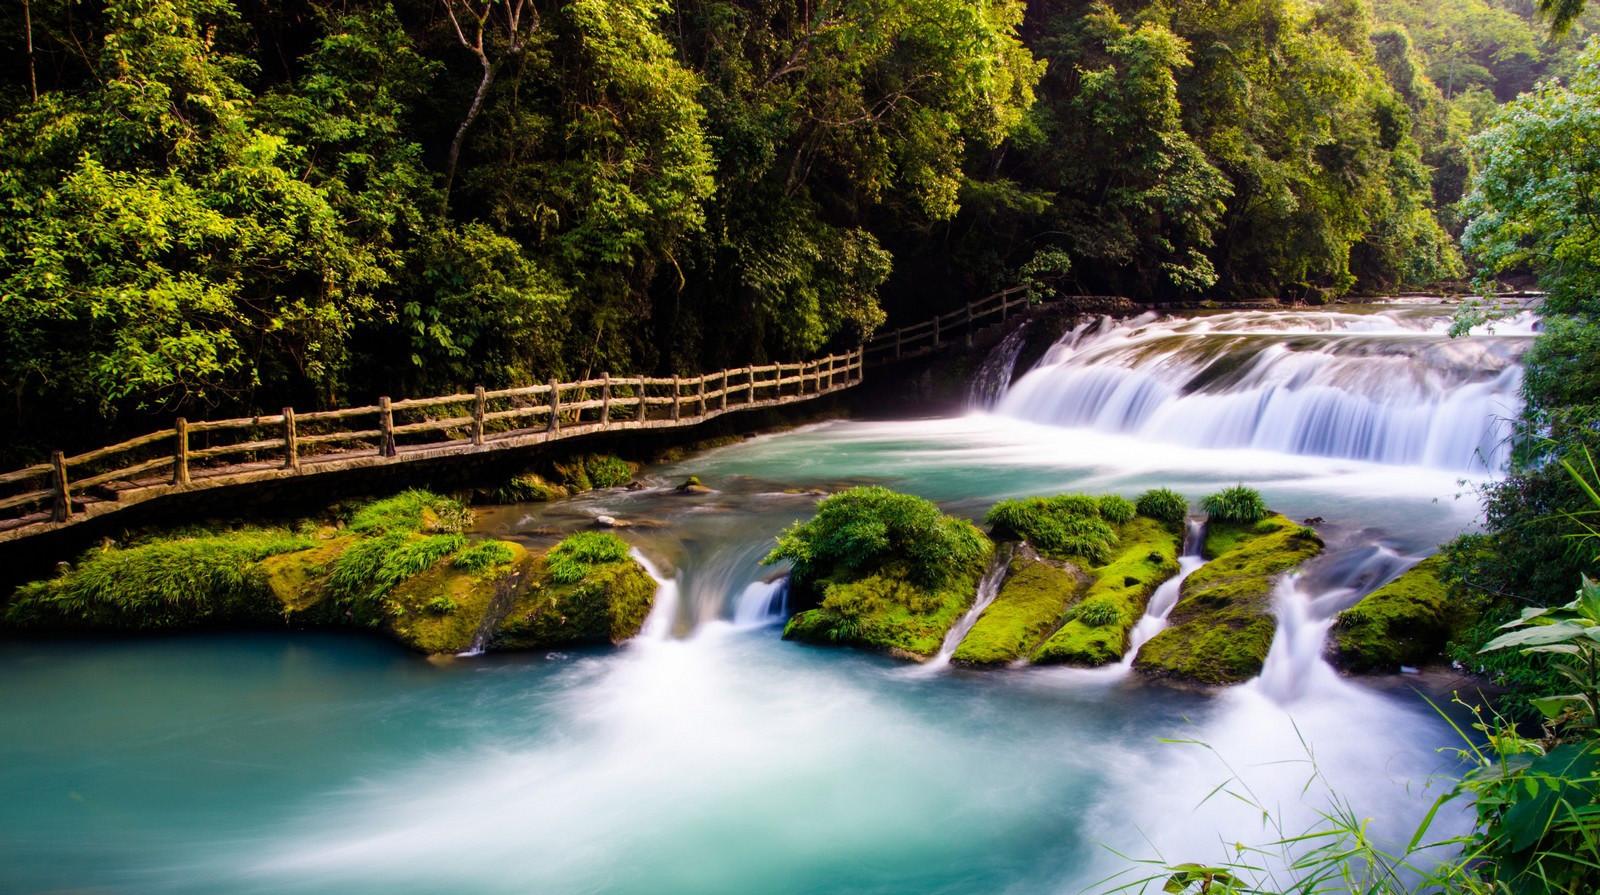 小七孔水上森林图分享展示图片